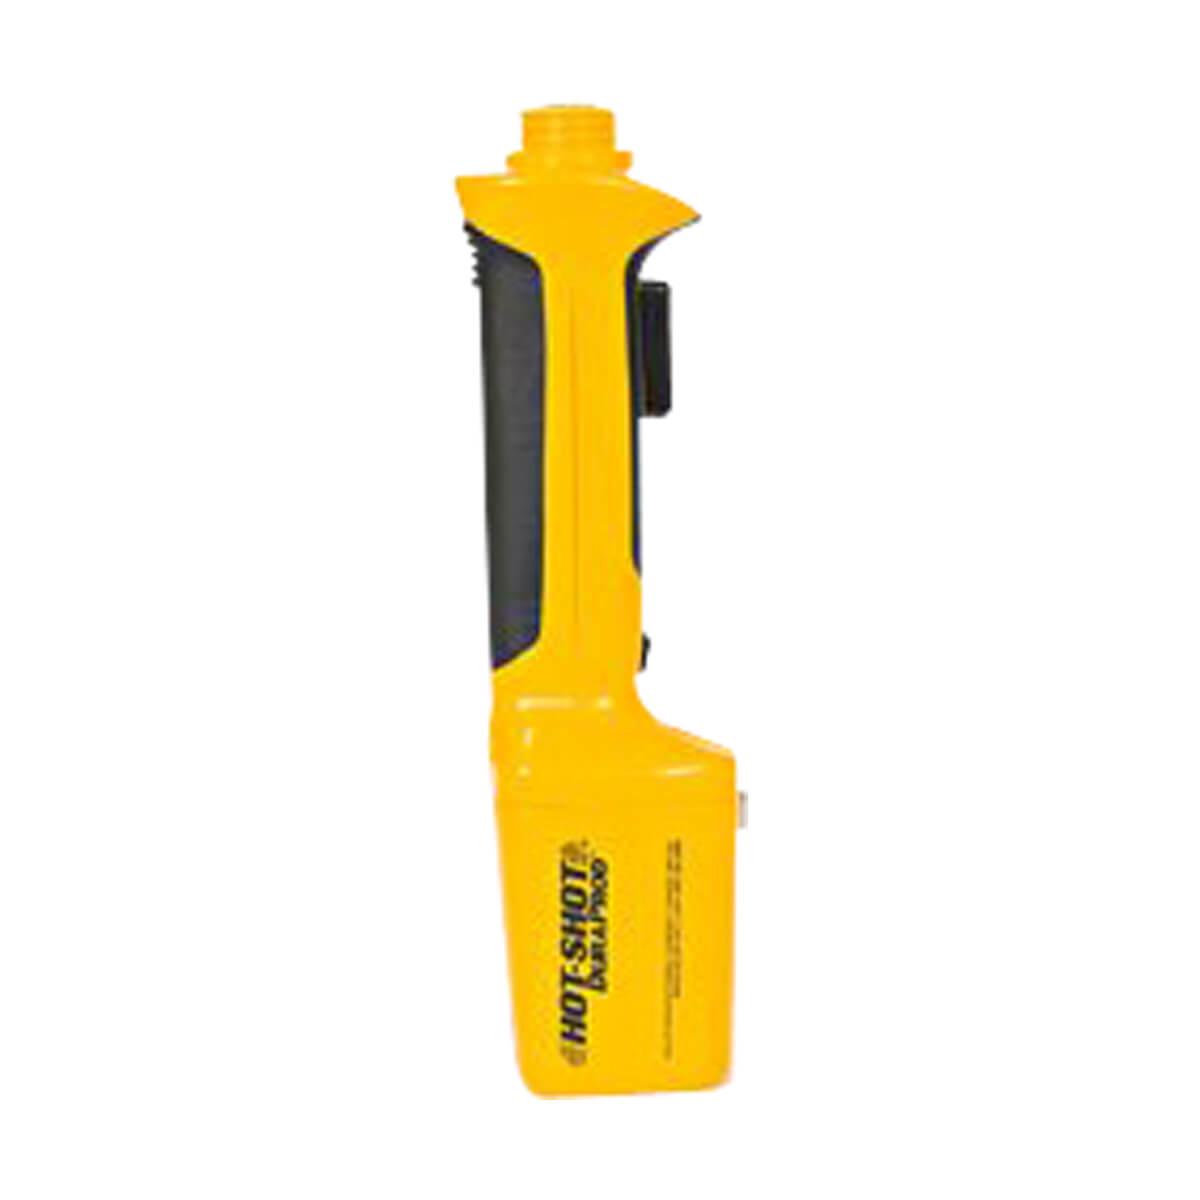 DuraProd Cattle Prod - Rechargeable